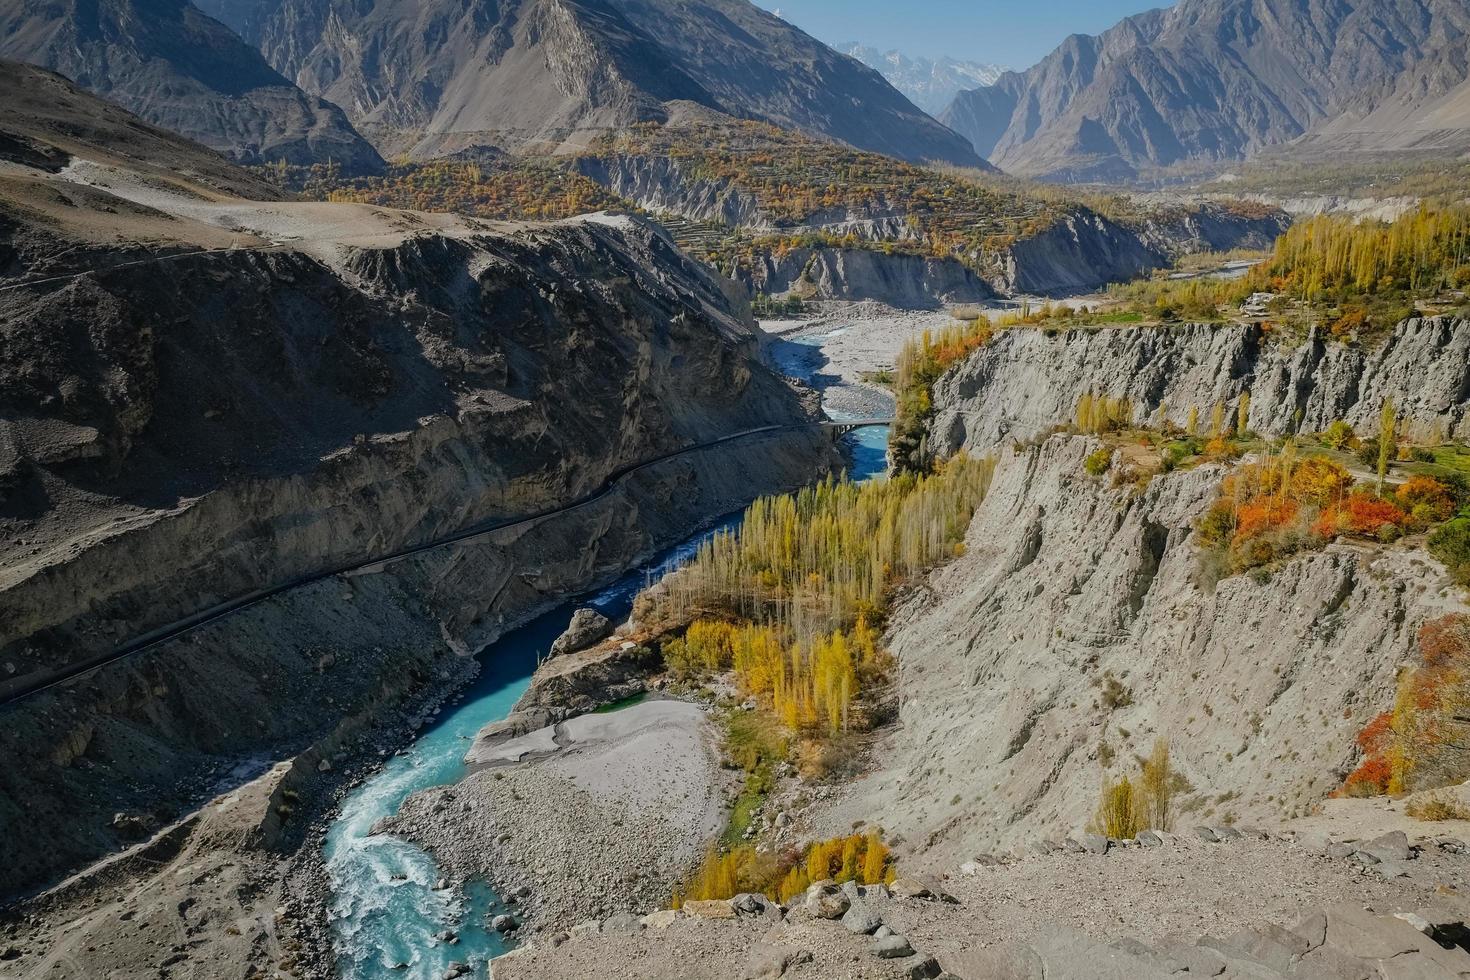 fiume tortuoso che scorre attraverso la catena montuosa foto